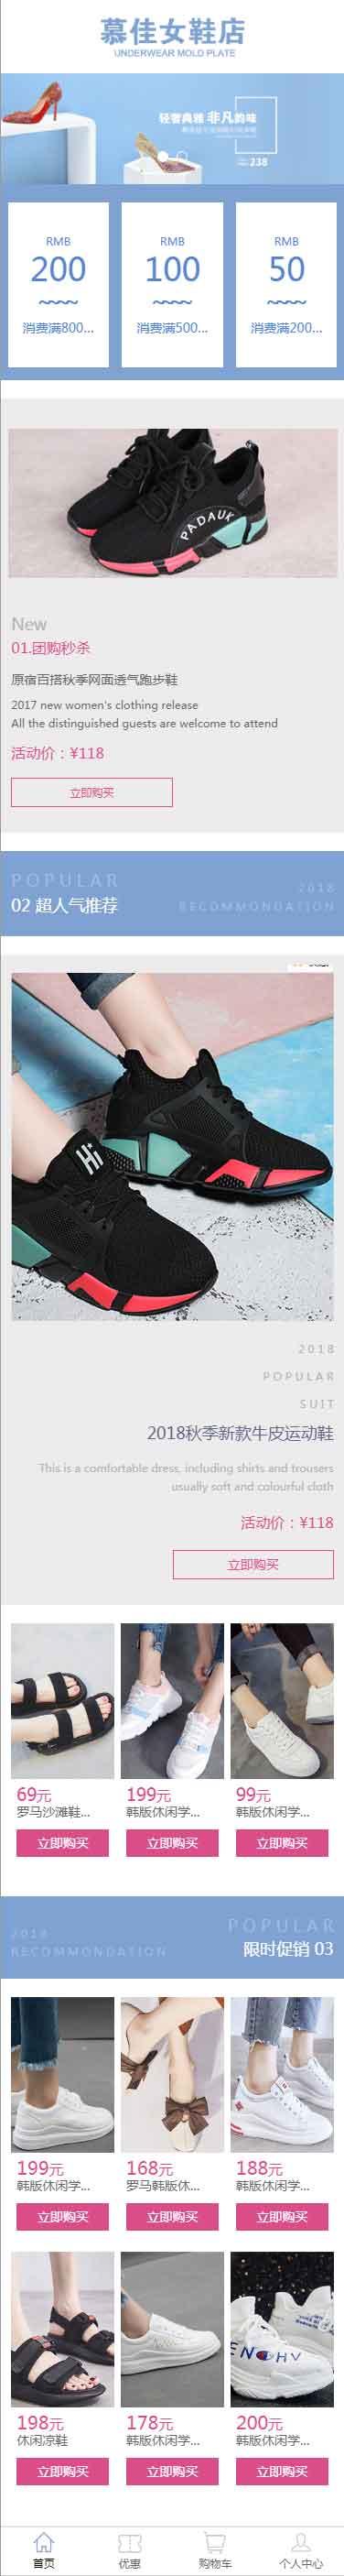 慕佳女鞋店小程序分销模板